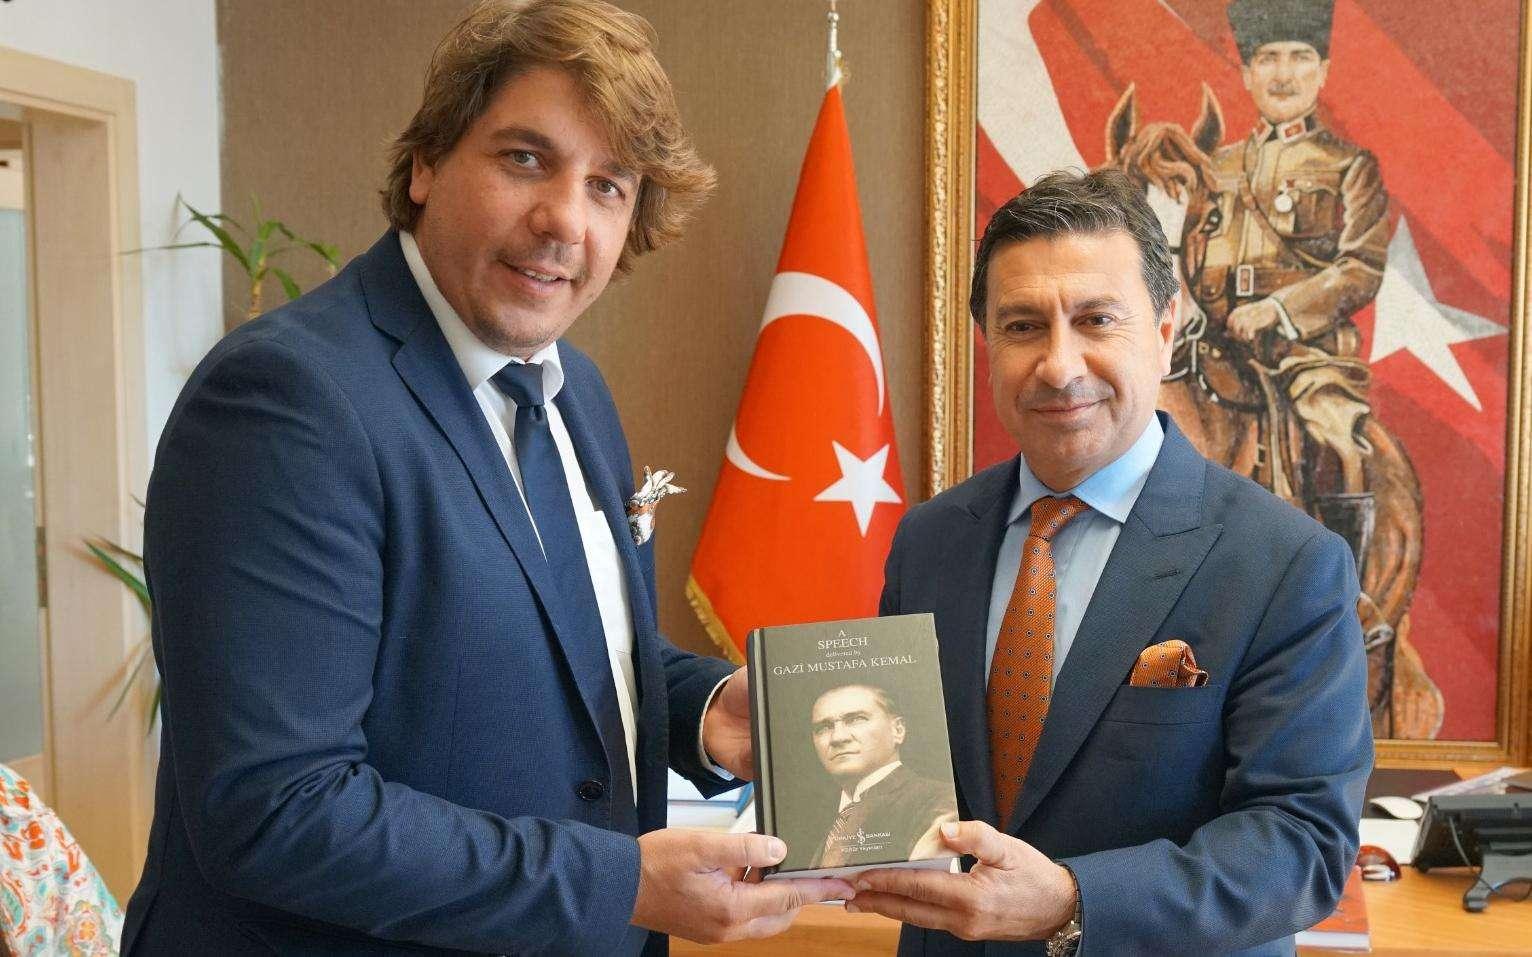 Budva şehrinden gelen kültür ve turizm heyeti, Ahmet Aras'ı ziyaret etti.